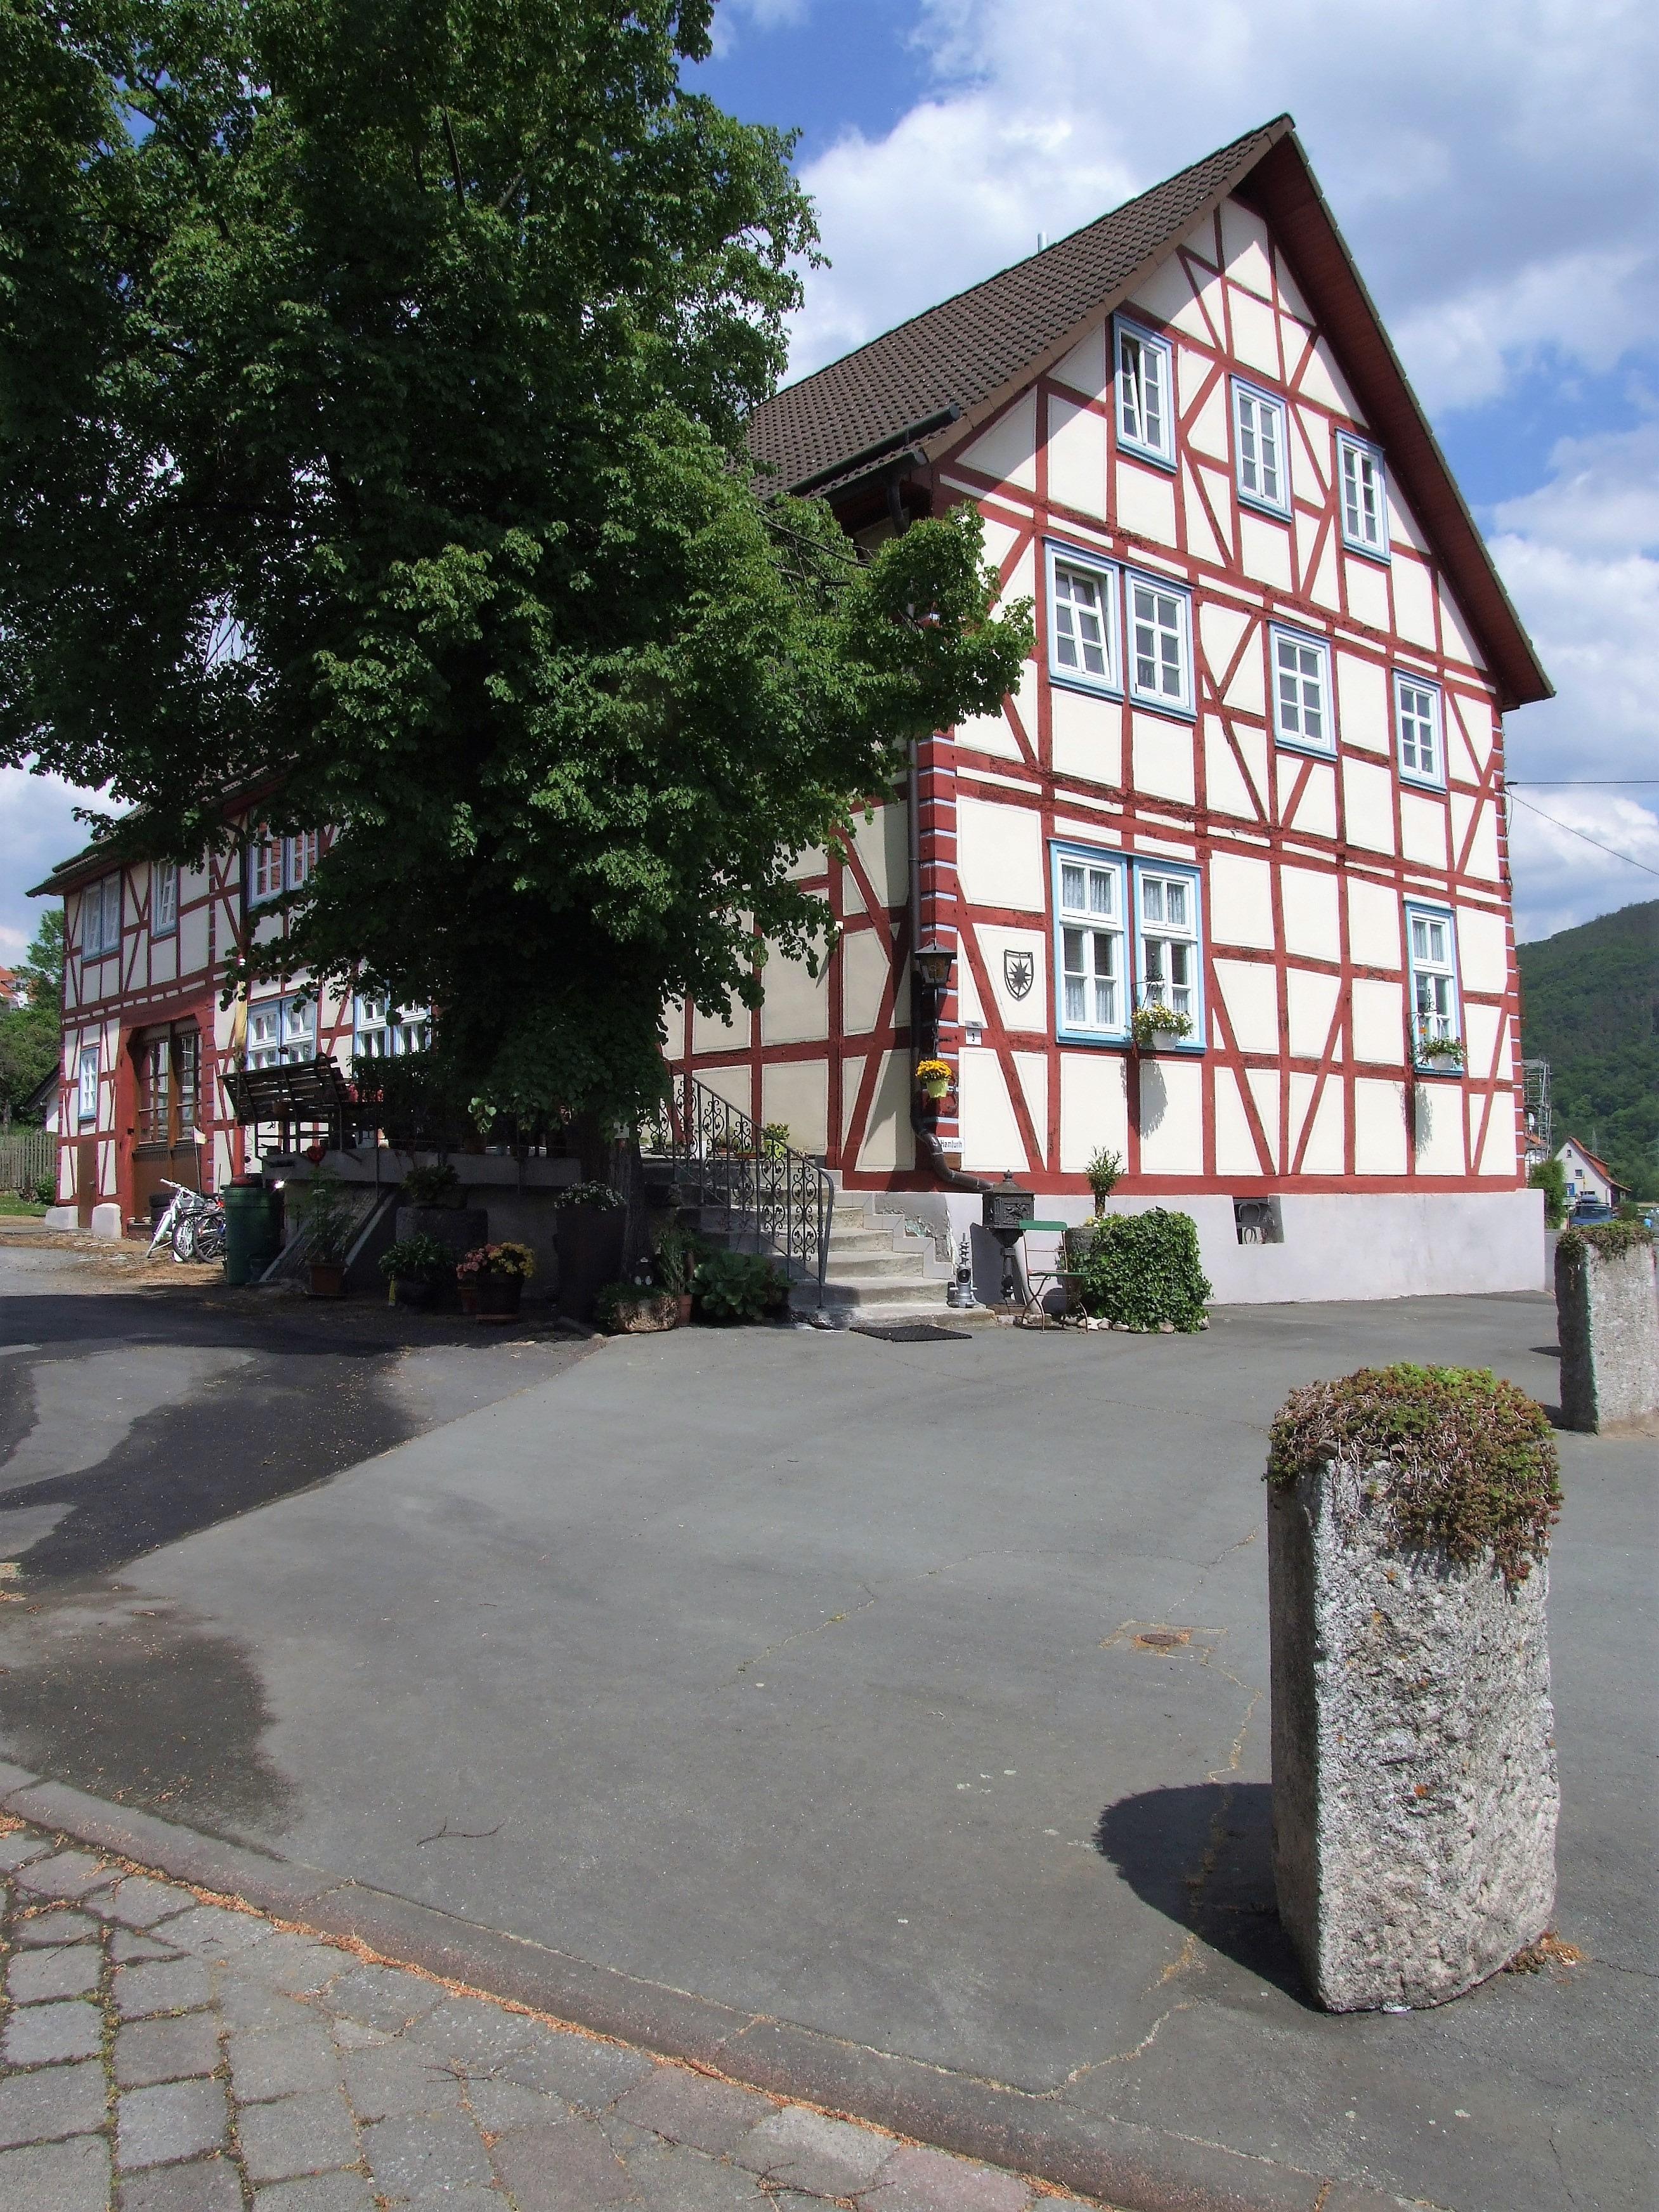 Ein altes, gut erhaltenes Fachwerkhaus direkt neben dem Bürgerhaus in Hemfurth-Edersee.